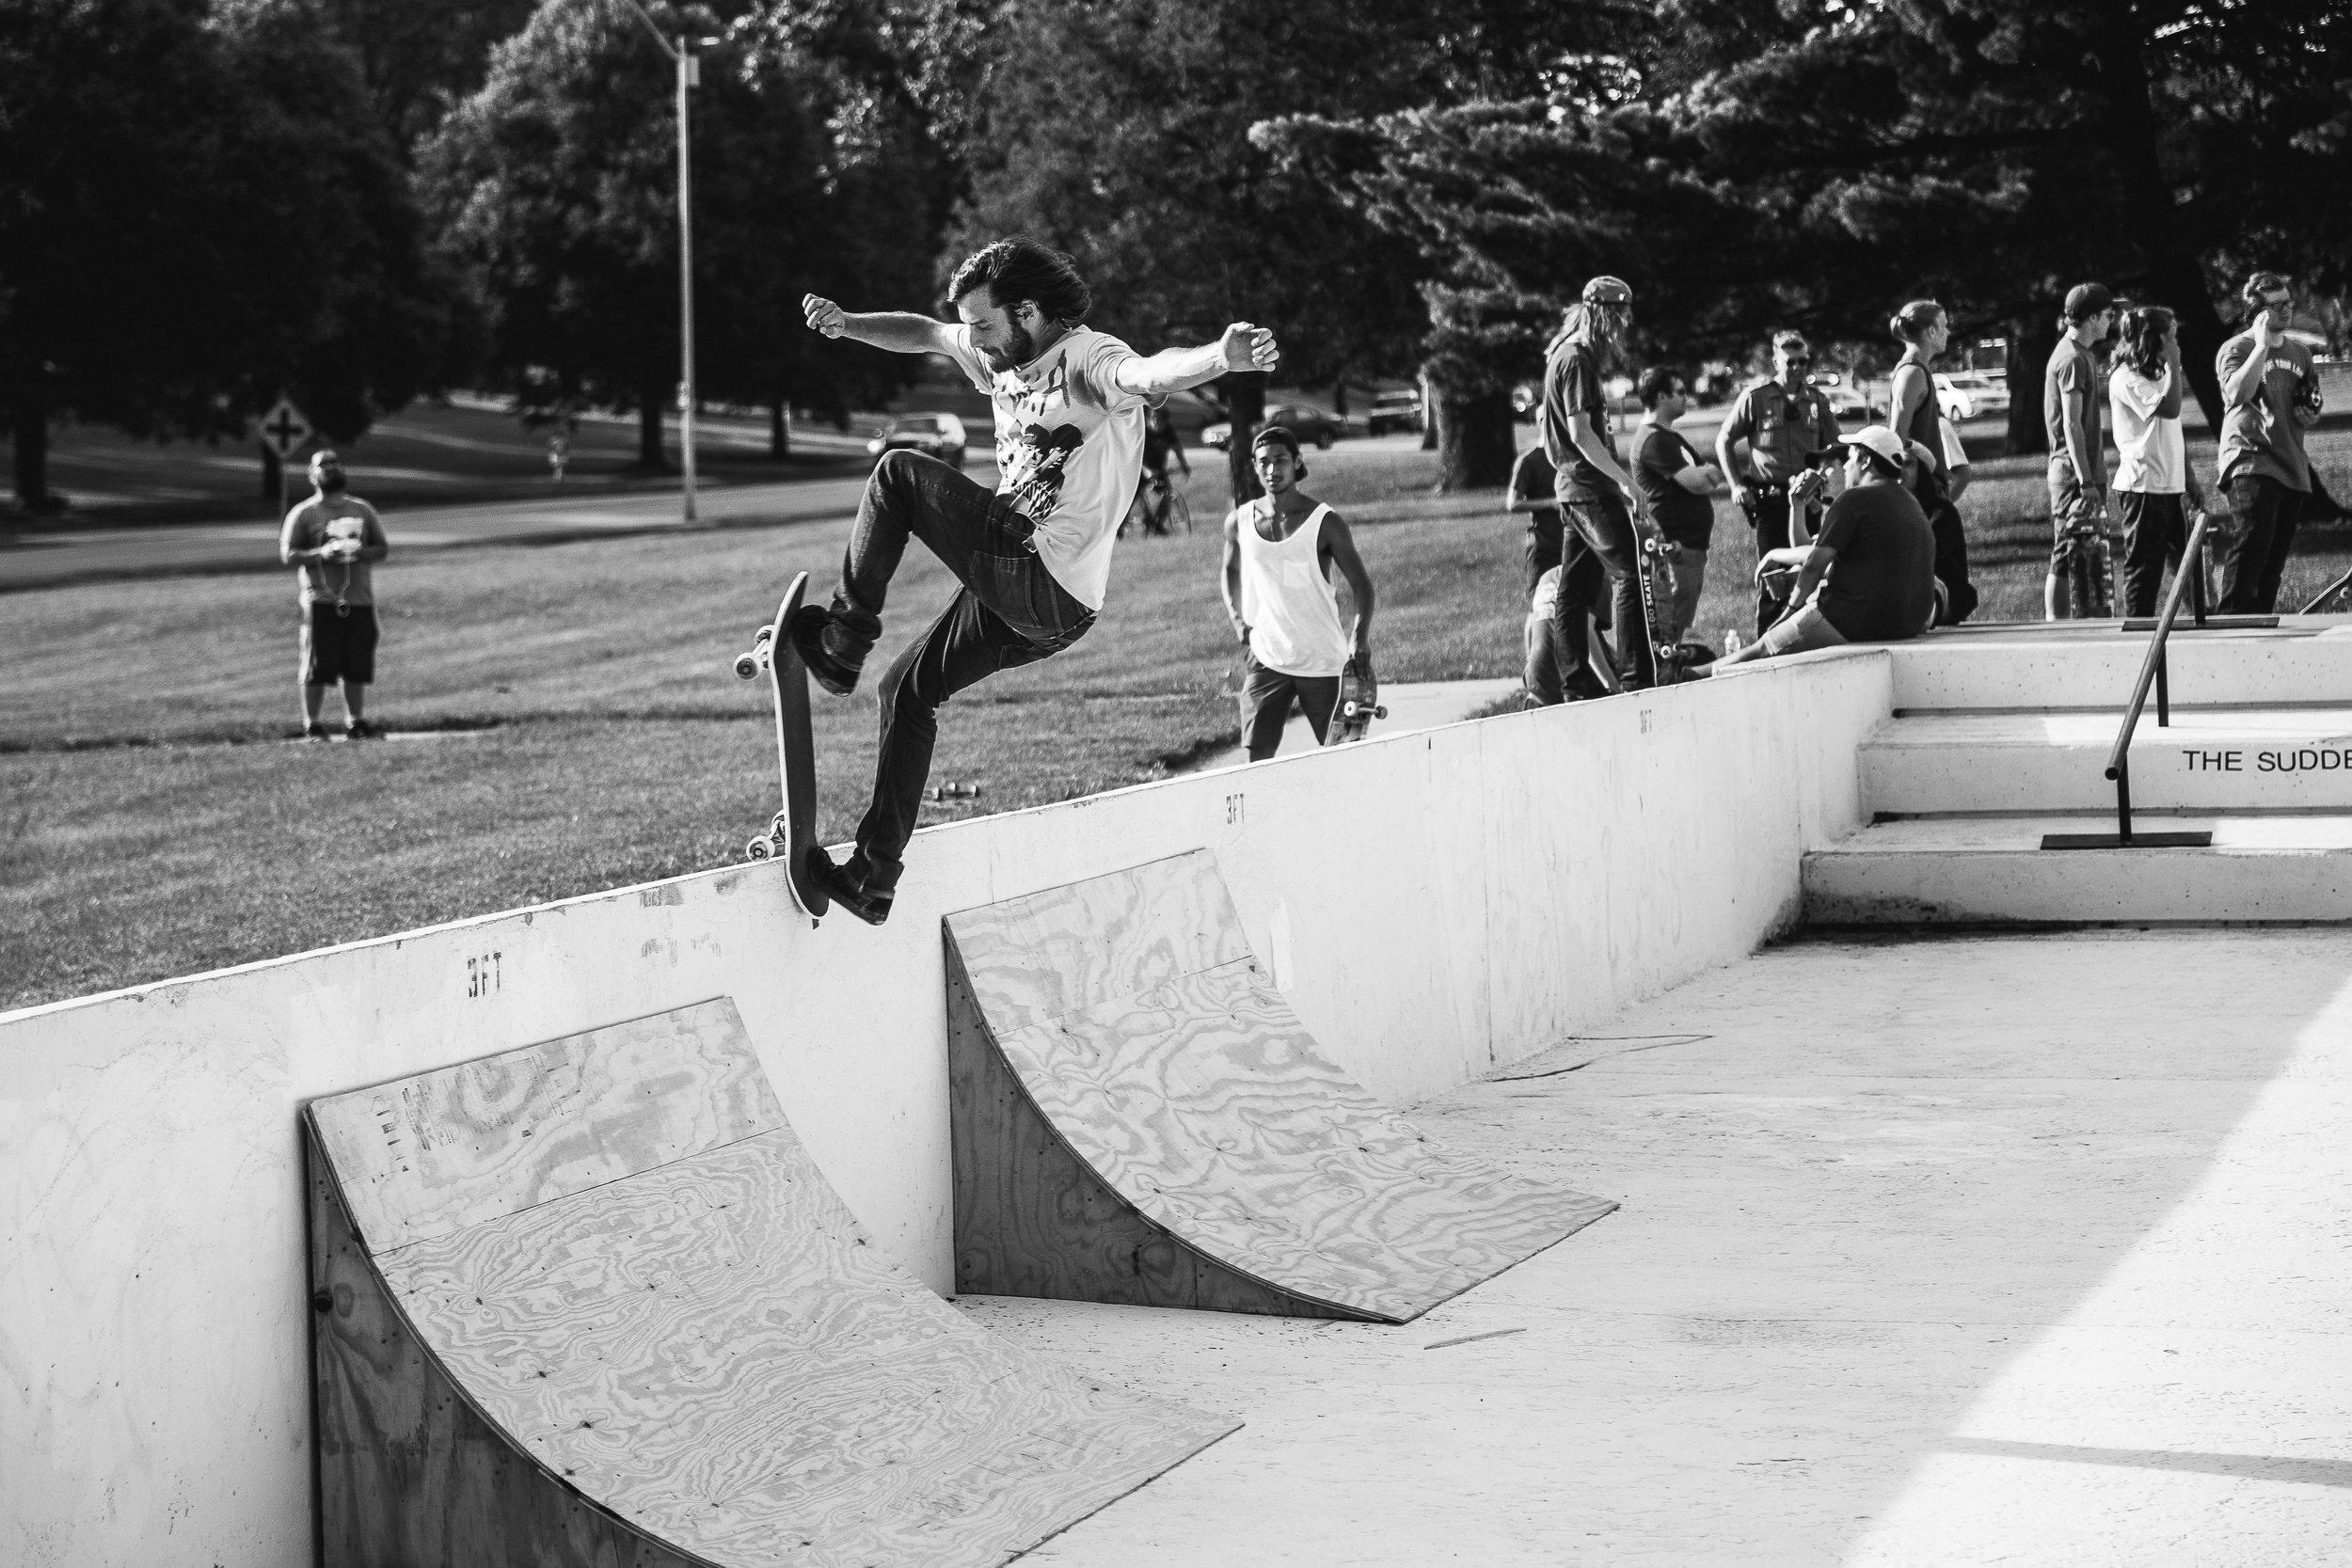 Go Skateboarding Day - June '17 - 8.jpg